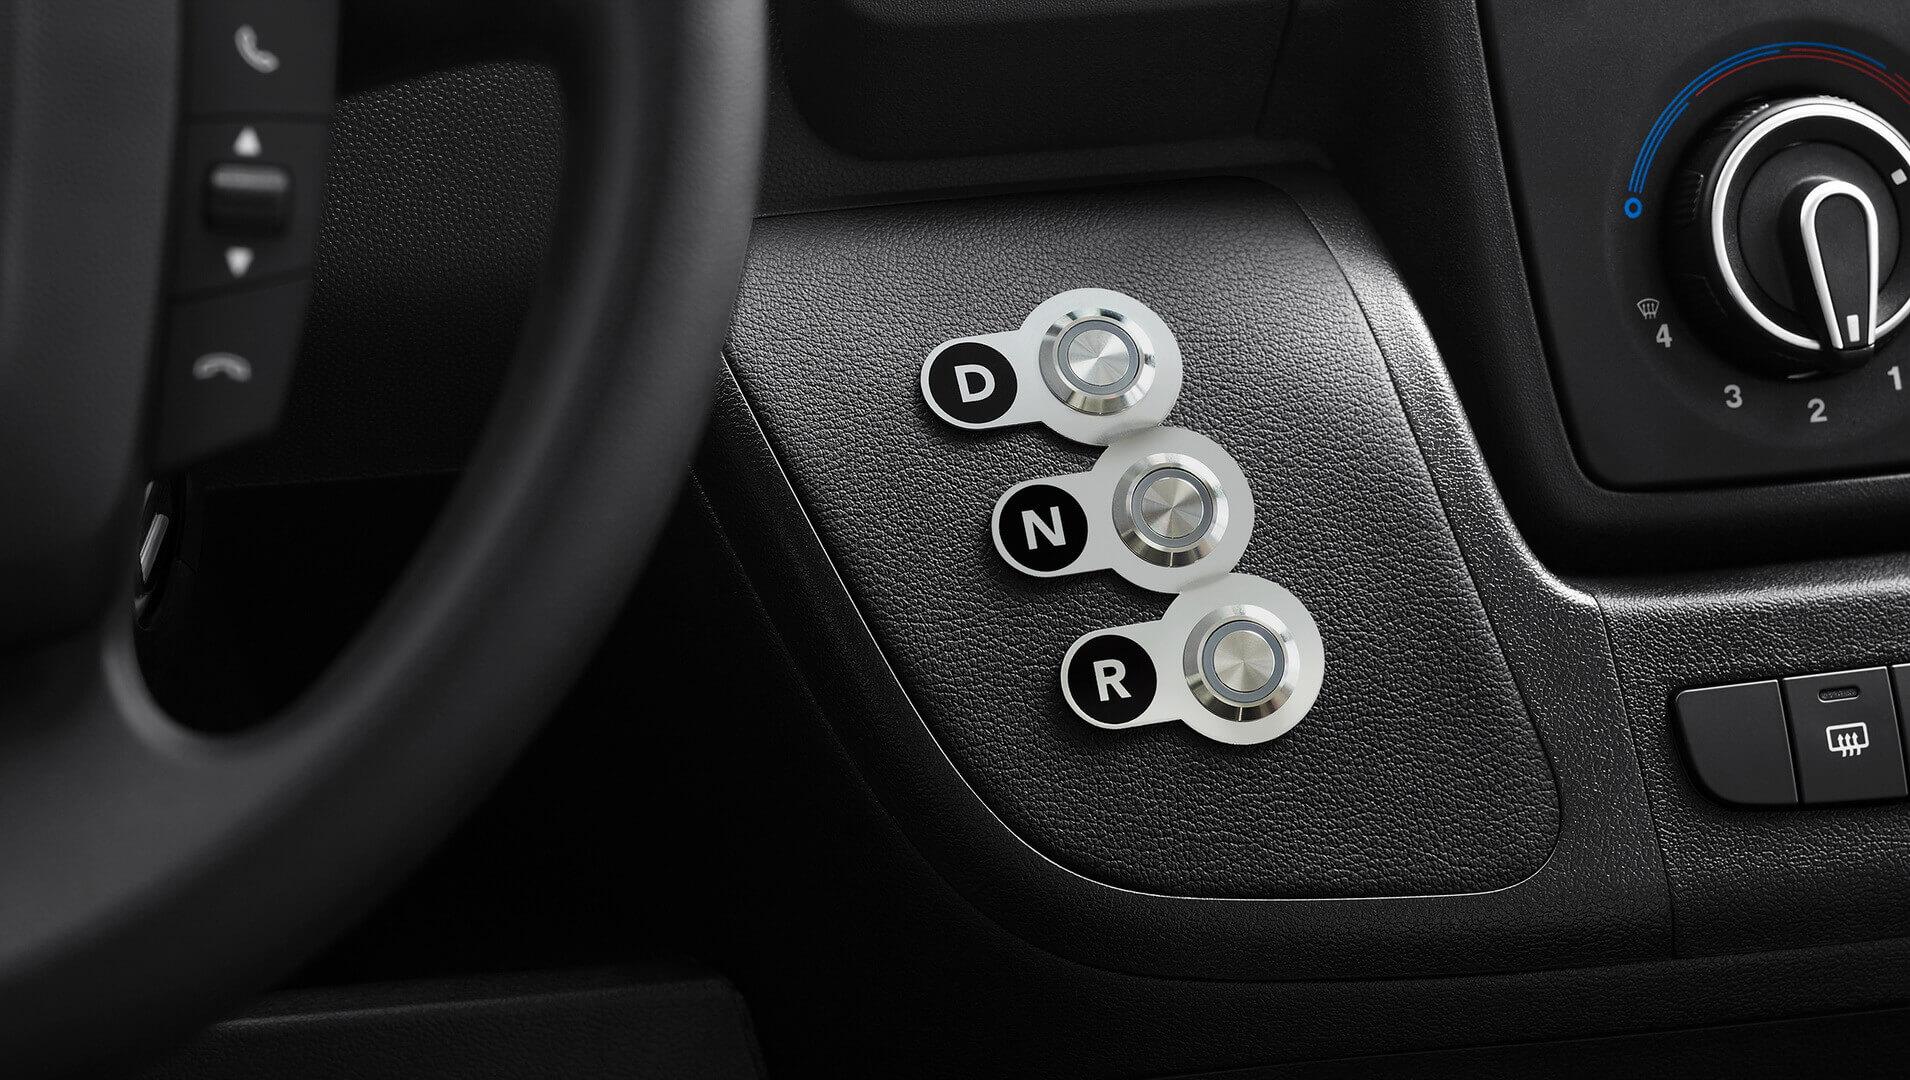 Для управления движением фургона нацентральной консоли расположены три кнопки: «D», «N» и«R»